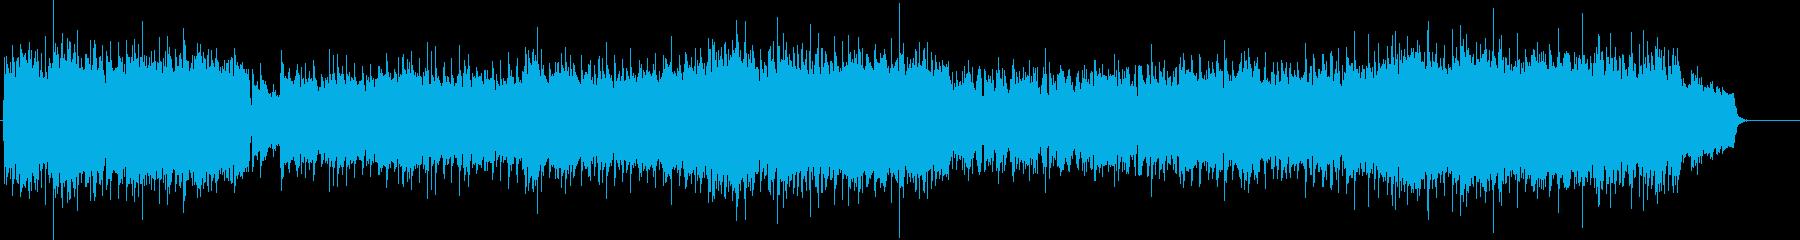 直感的カウンター・バラードの再生済みの波形